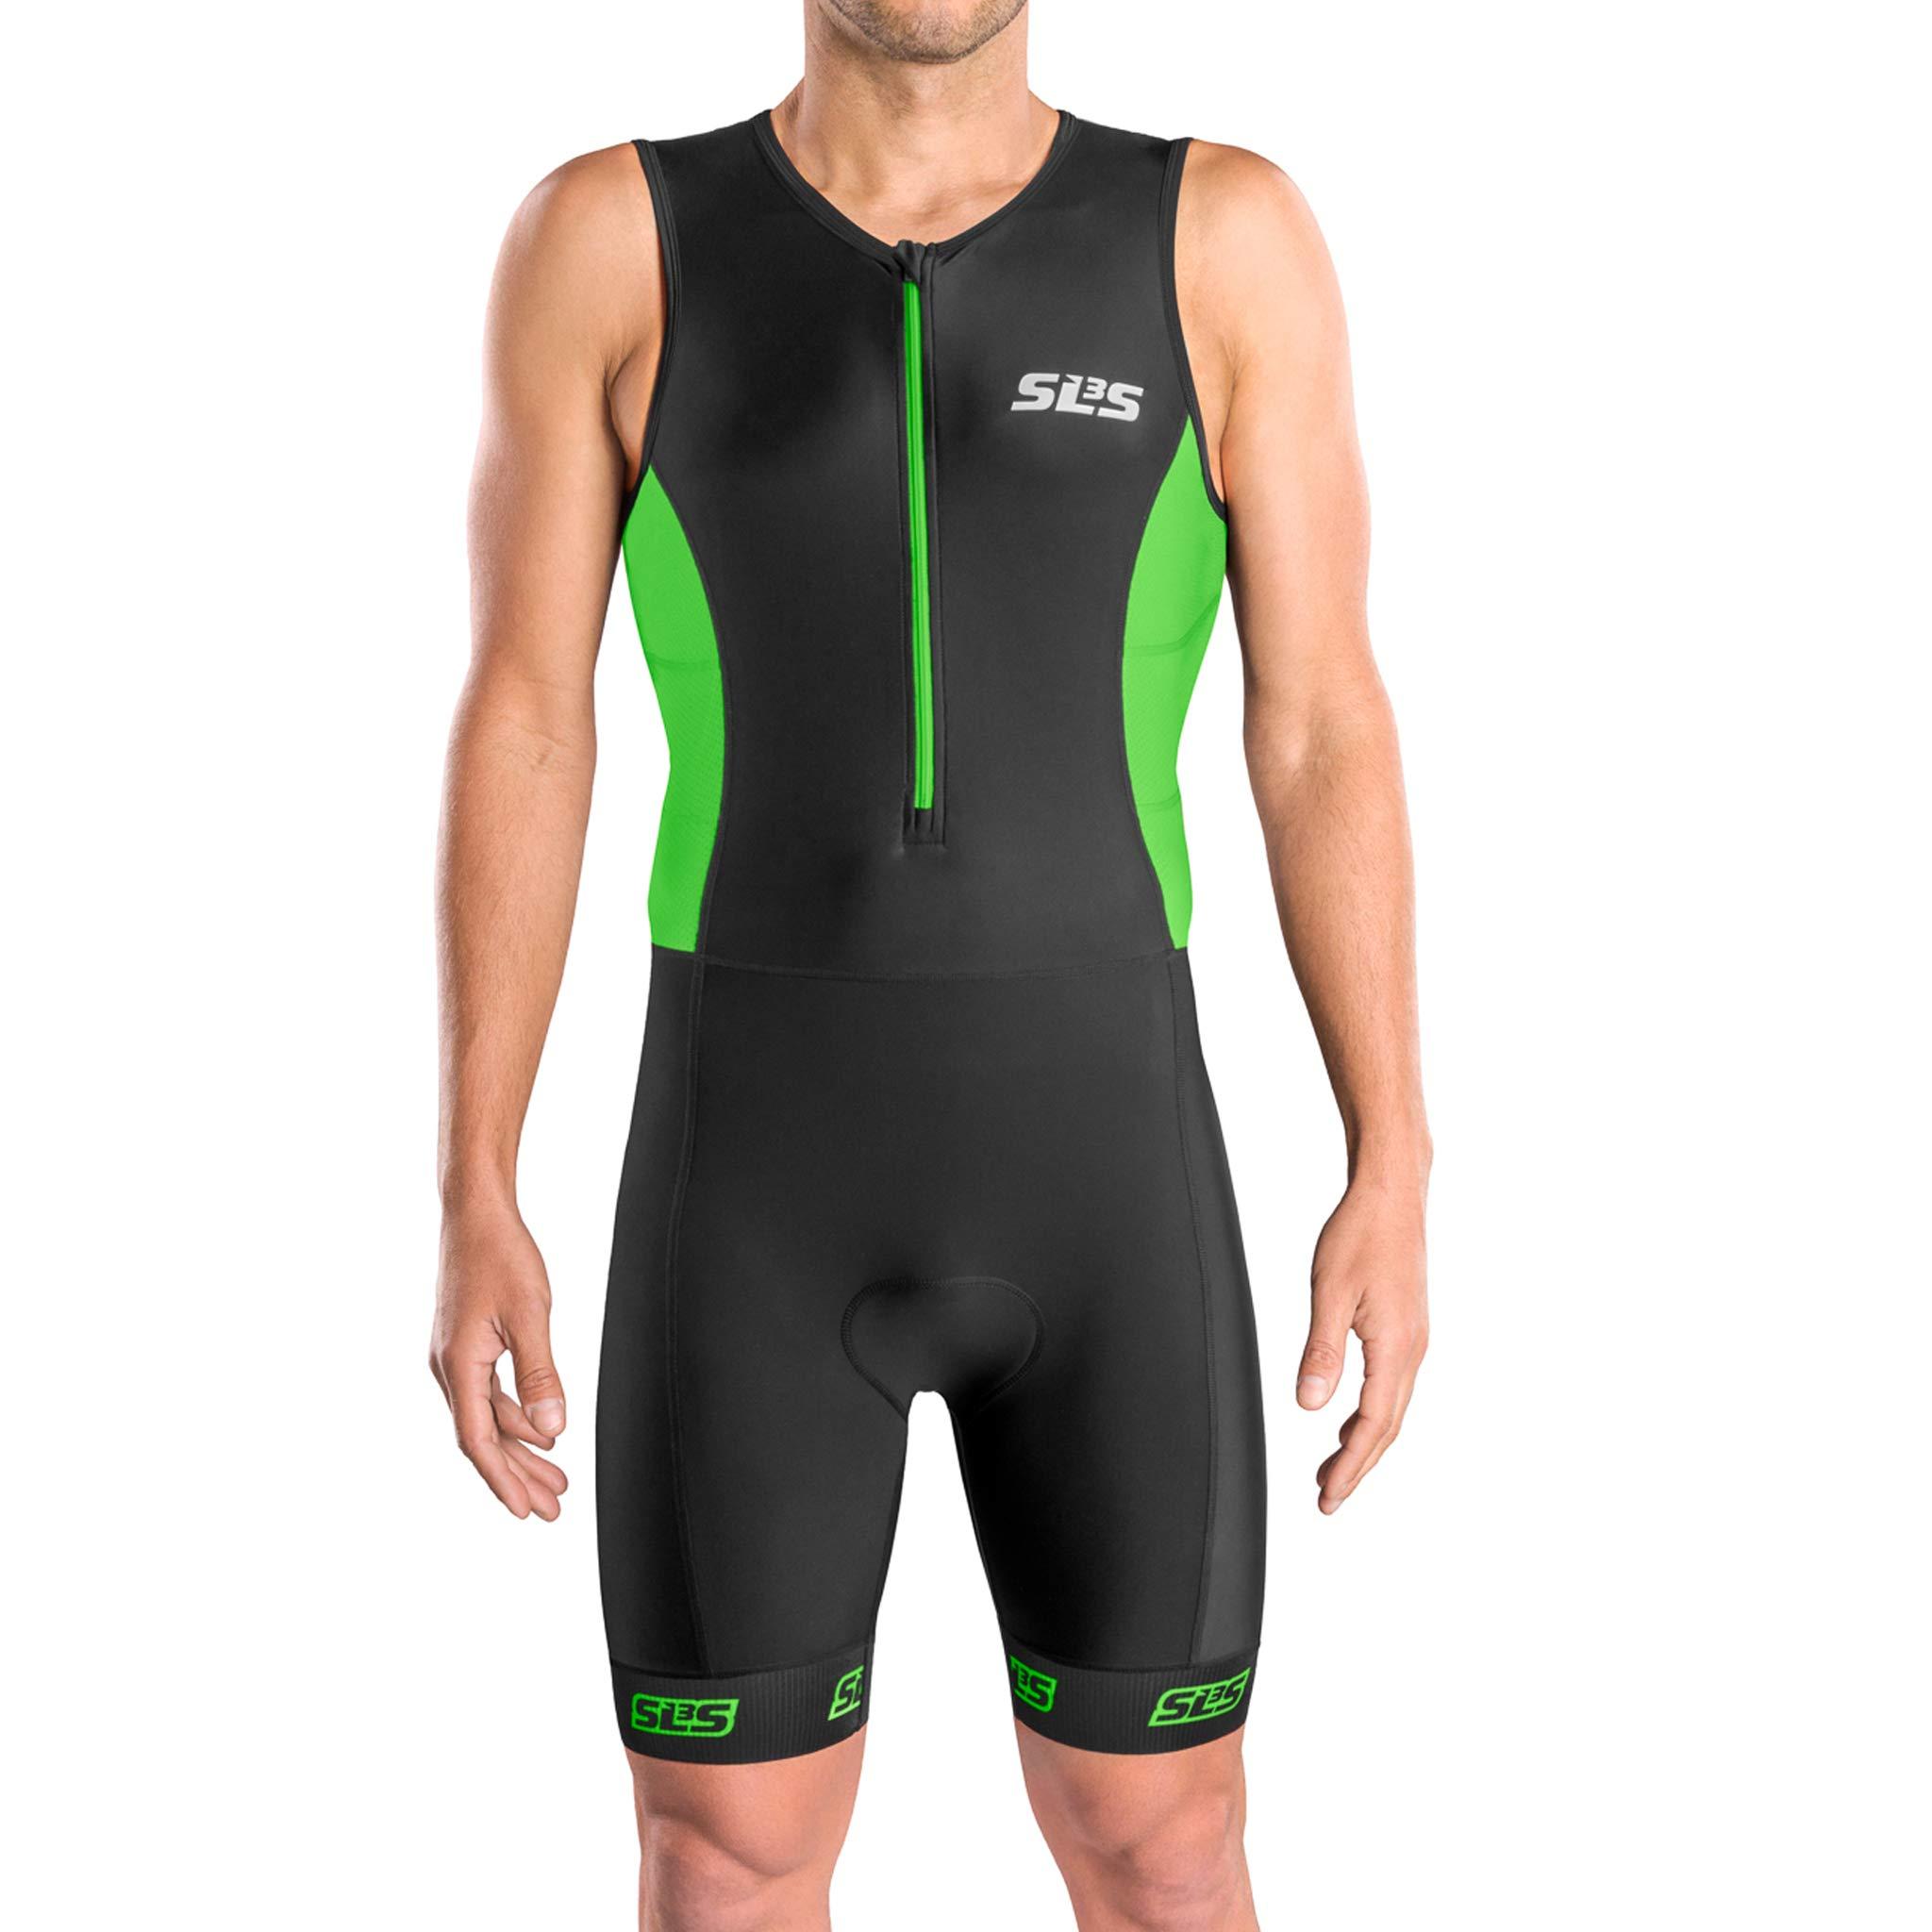 Men`s Triathlon Suit | Tri Suit Triathlon Men | Triathlon Men Suit | 2 Pockets | Skinsuit Trisuit | Great Fit and Comfortable | German Designed (Black/Green, Small)